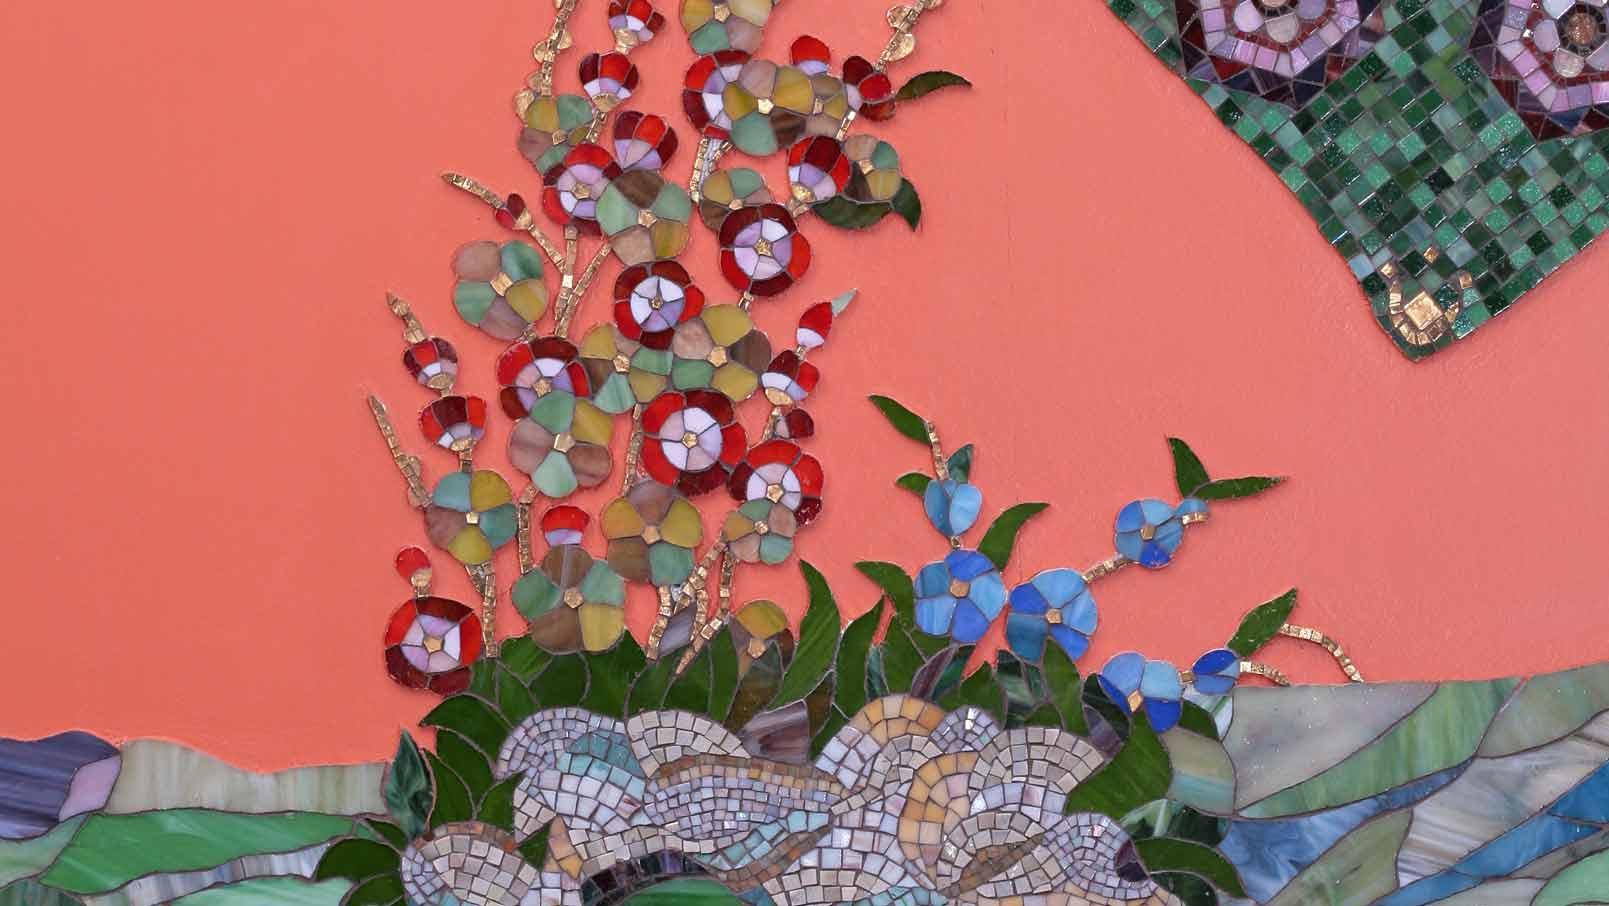 Мозаичное панно на стену Голубой мозаичный ковер из мозаики на стене бассейна